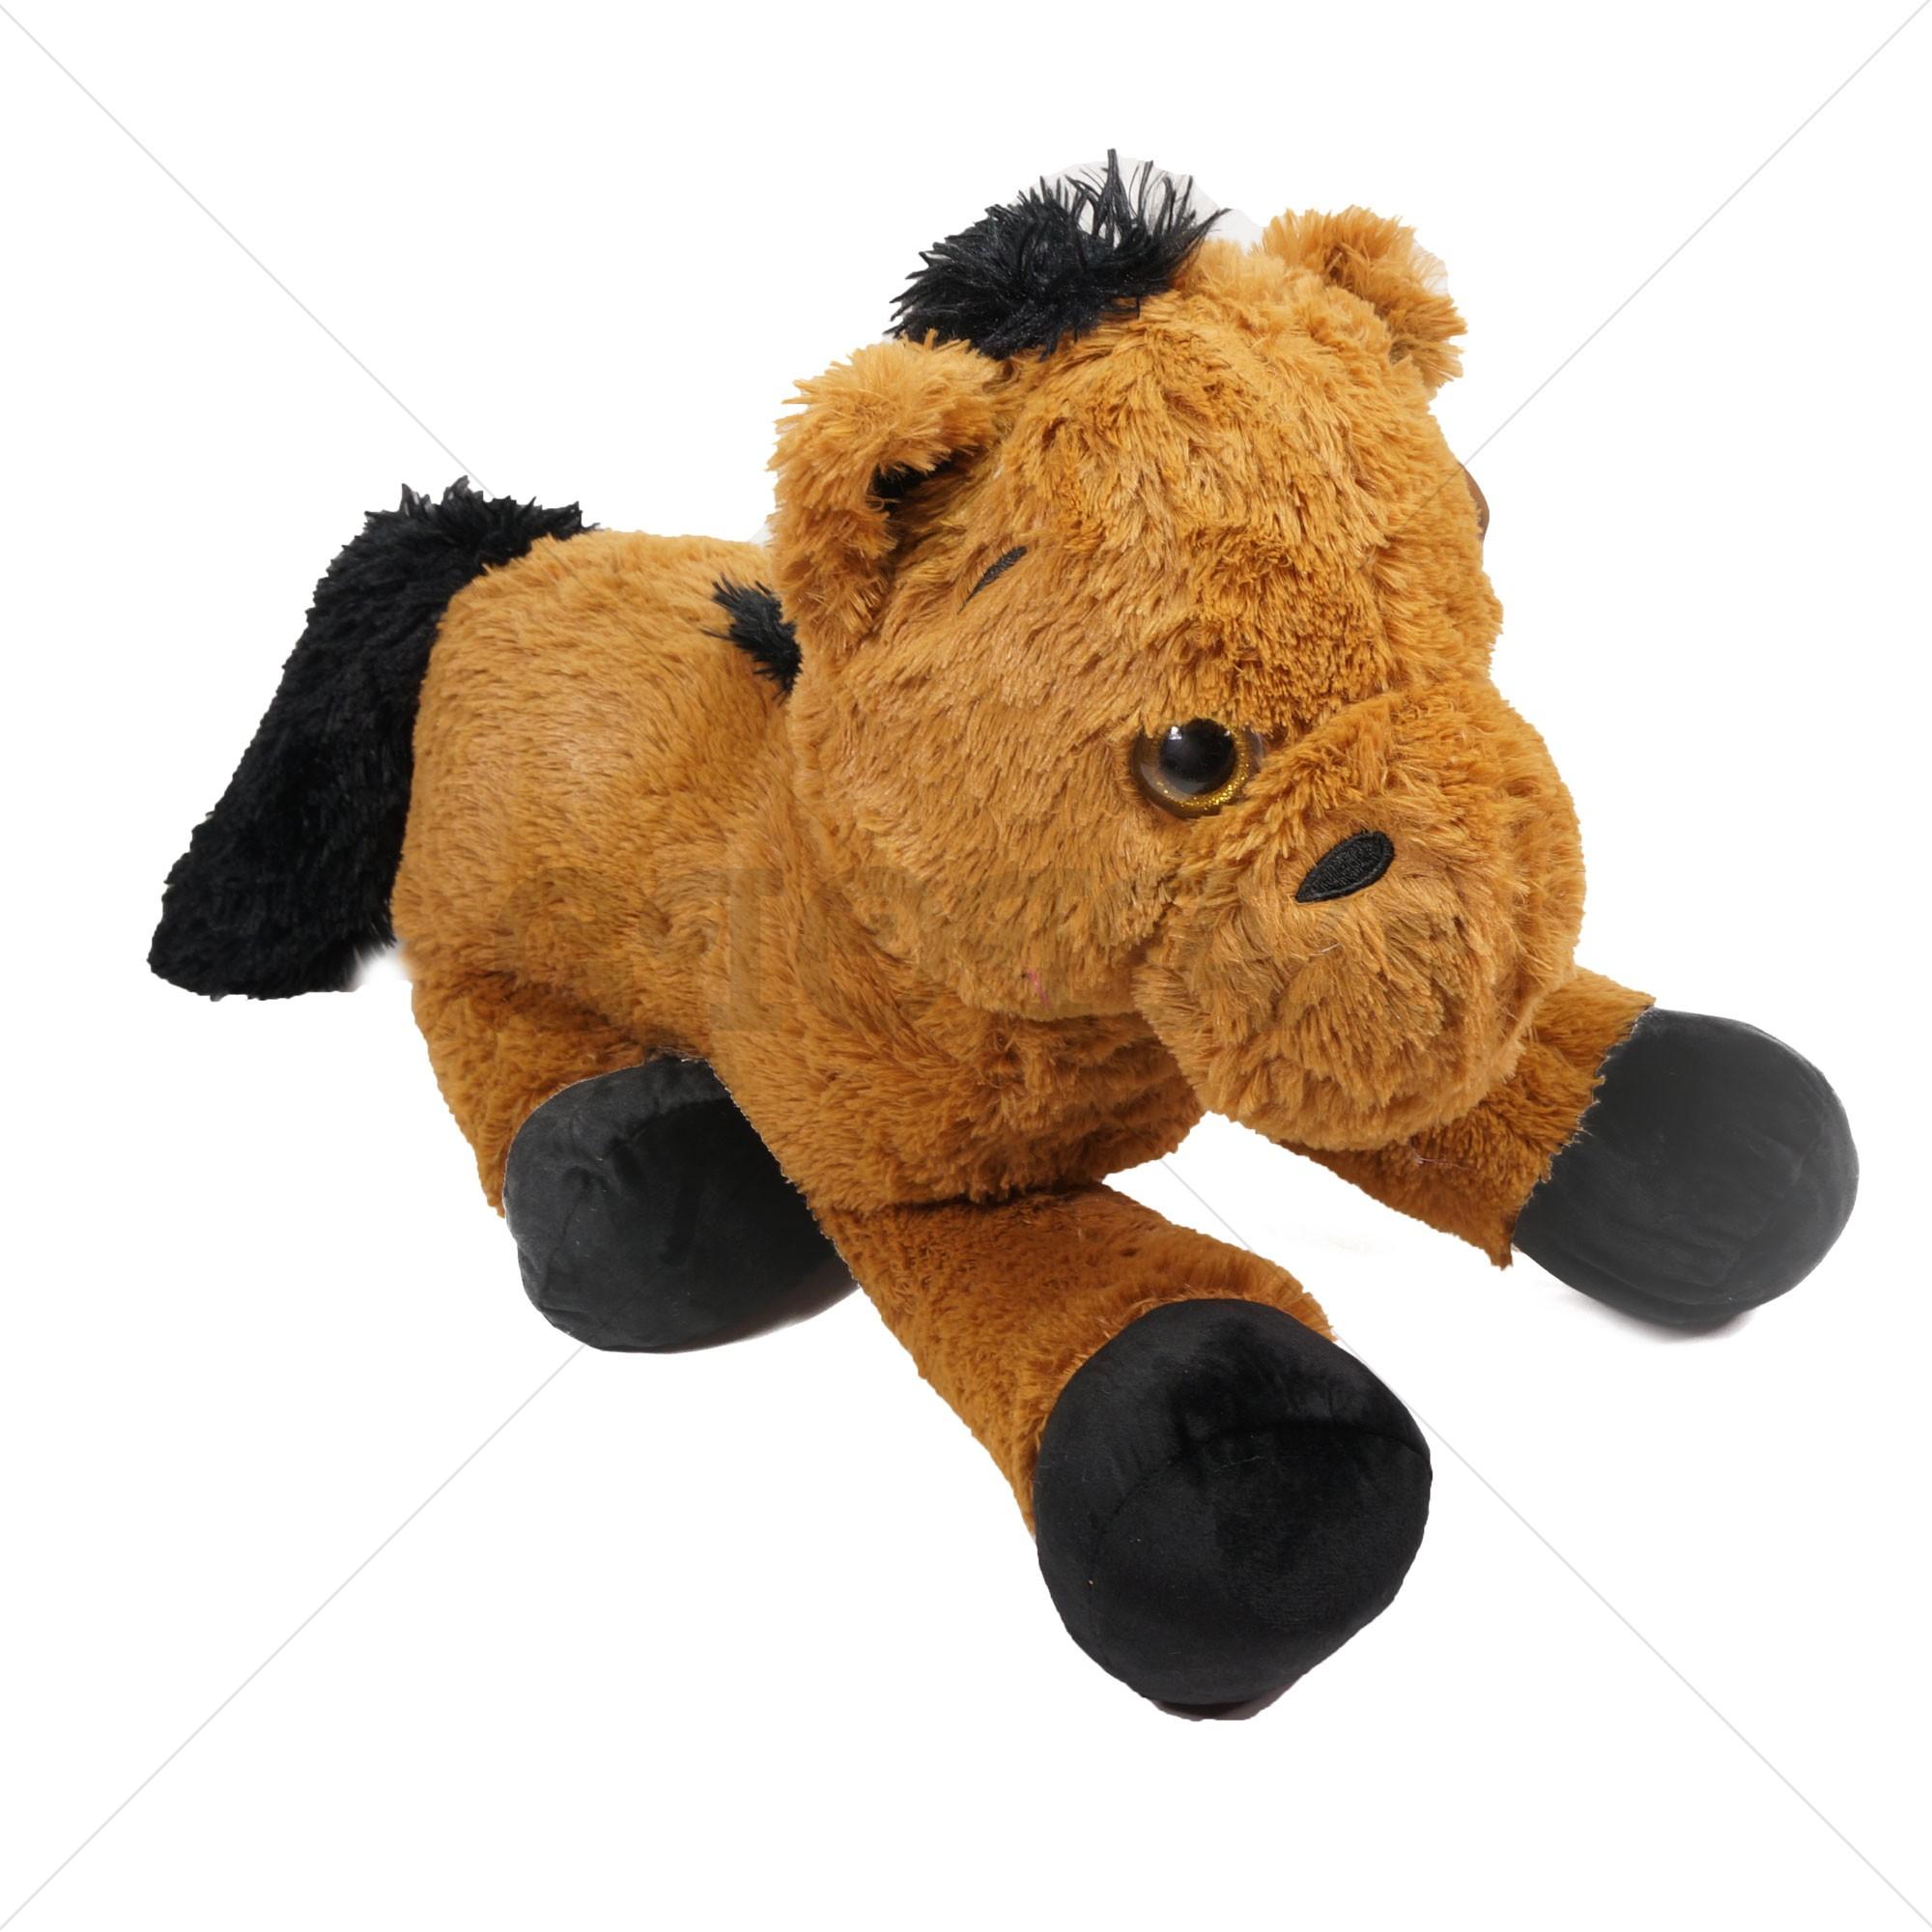 c3ec6f008942e7 Paard pluche knuffel 80 cm - GIOIA's cadeau en feestartikelen